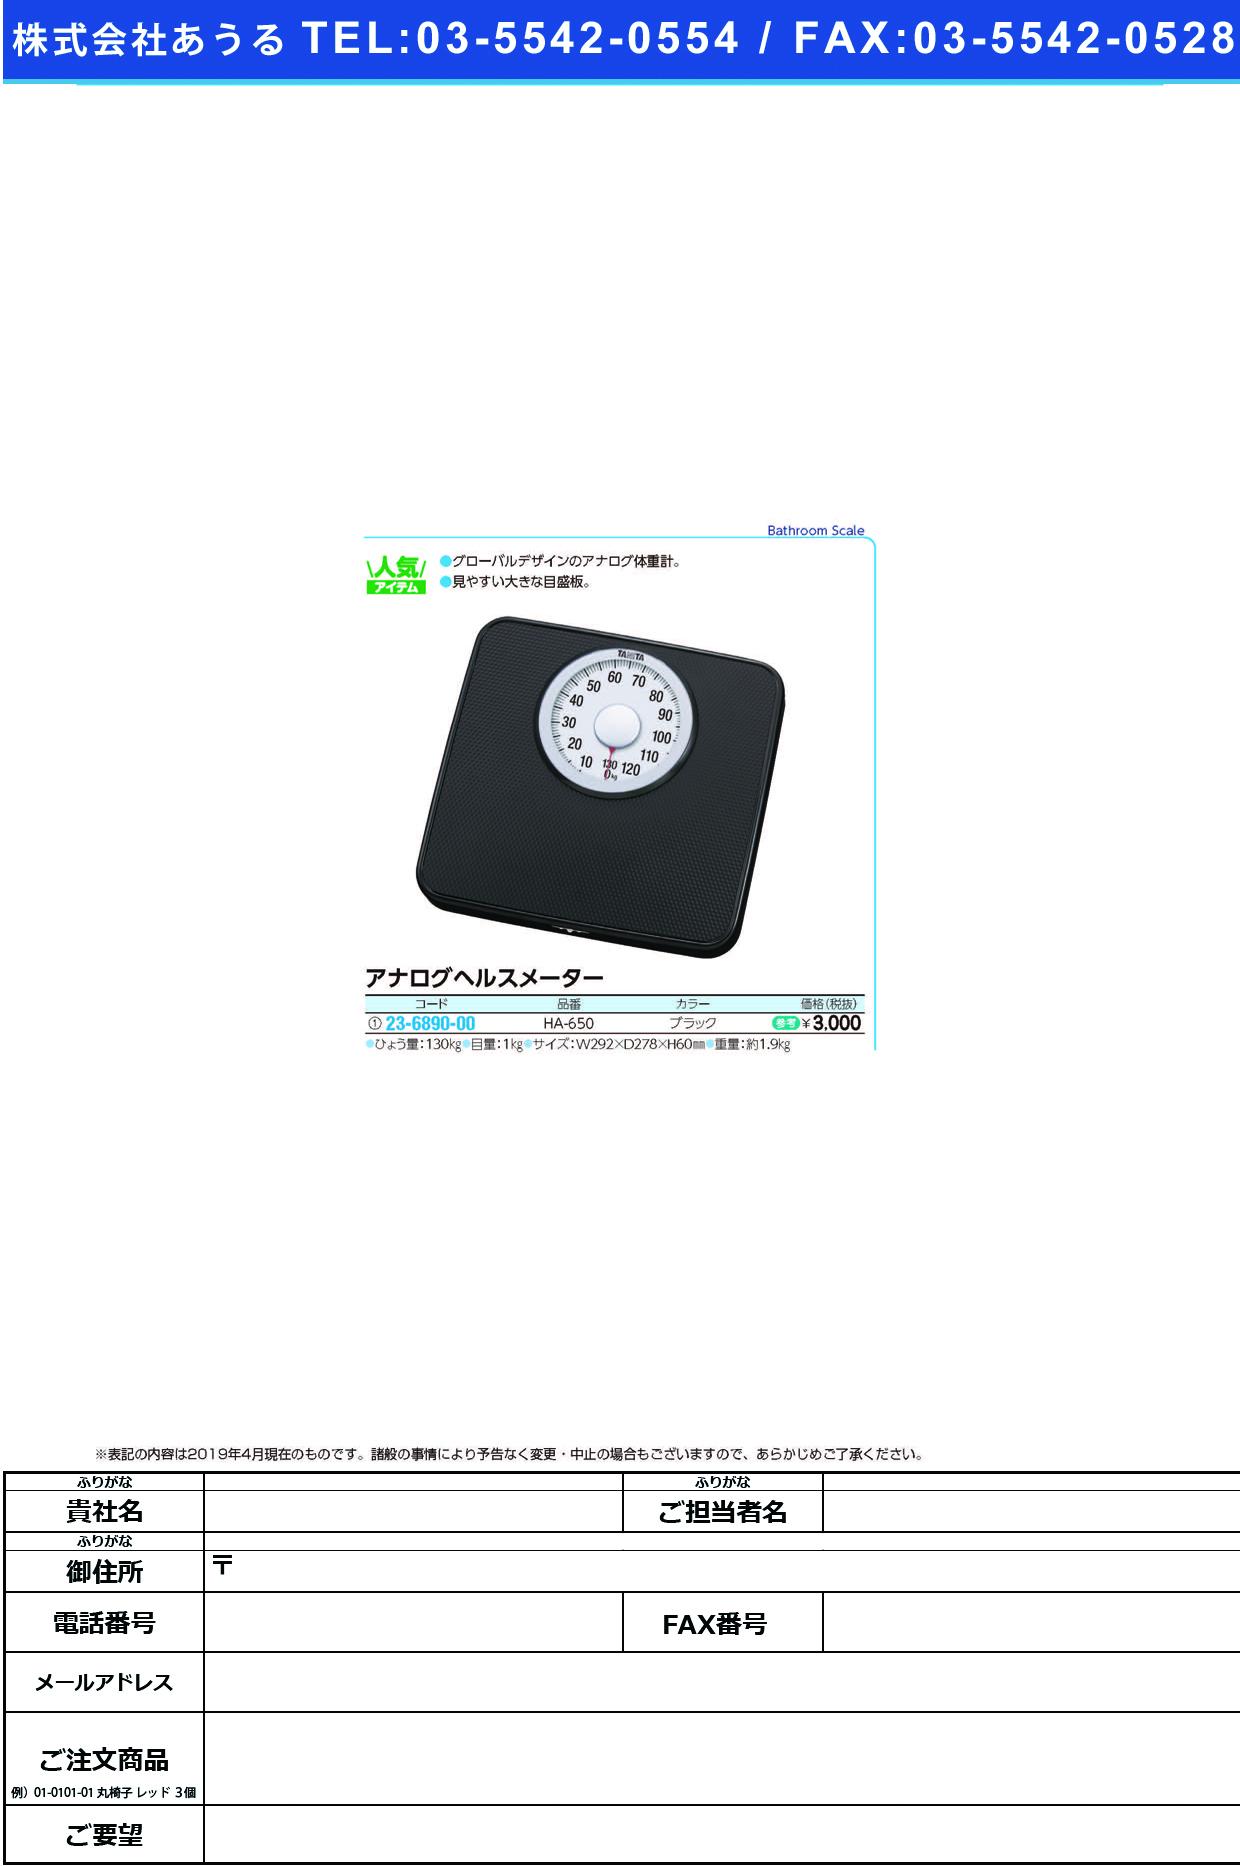 (23-6890-00)アナログヘルスメーター HA-650(ブラック) アナログヘルスメーター(タニタ)【1台単位】【2019年カタログ商品】